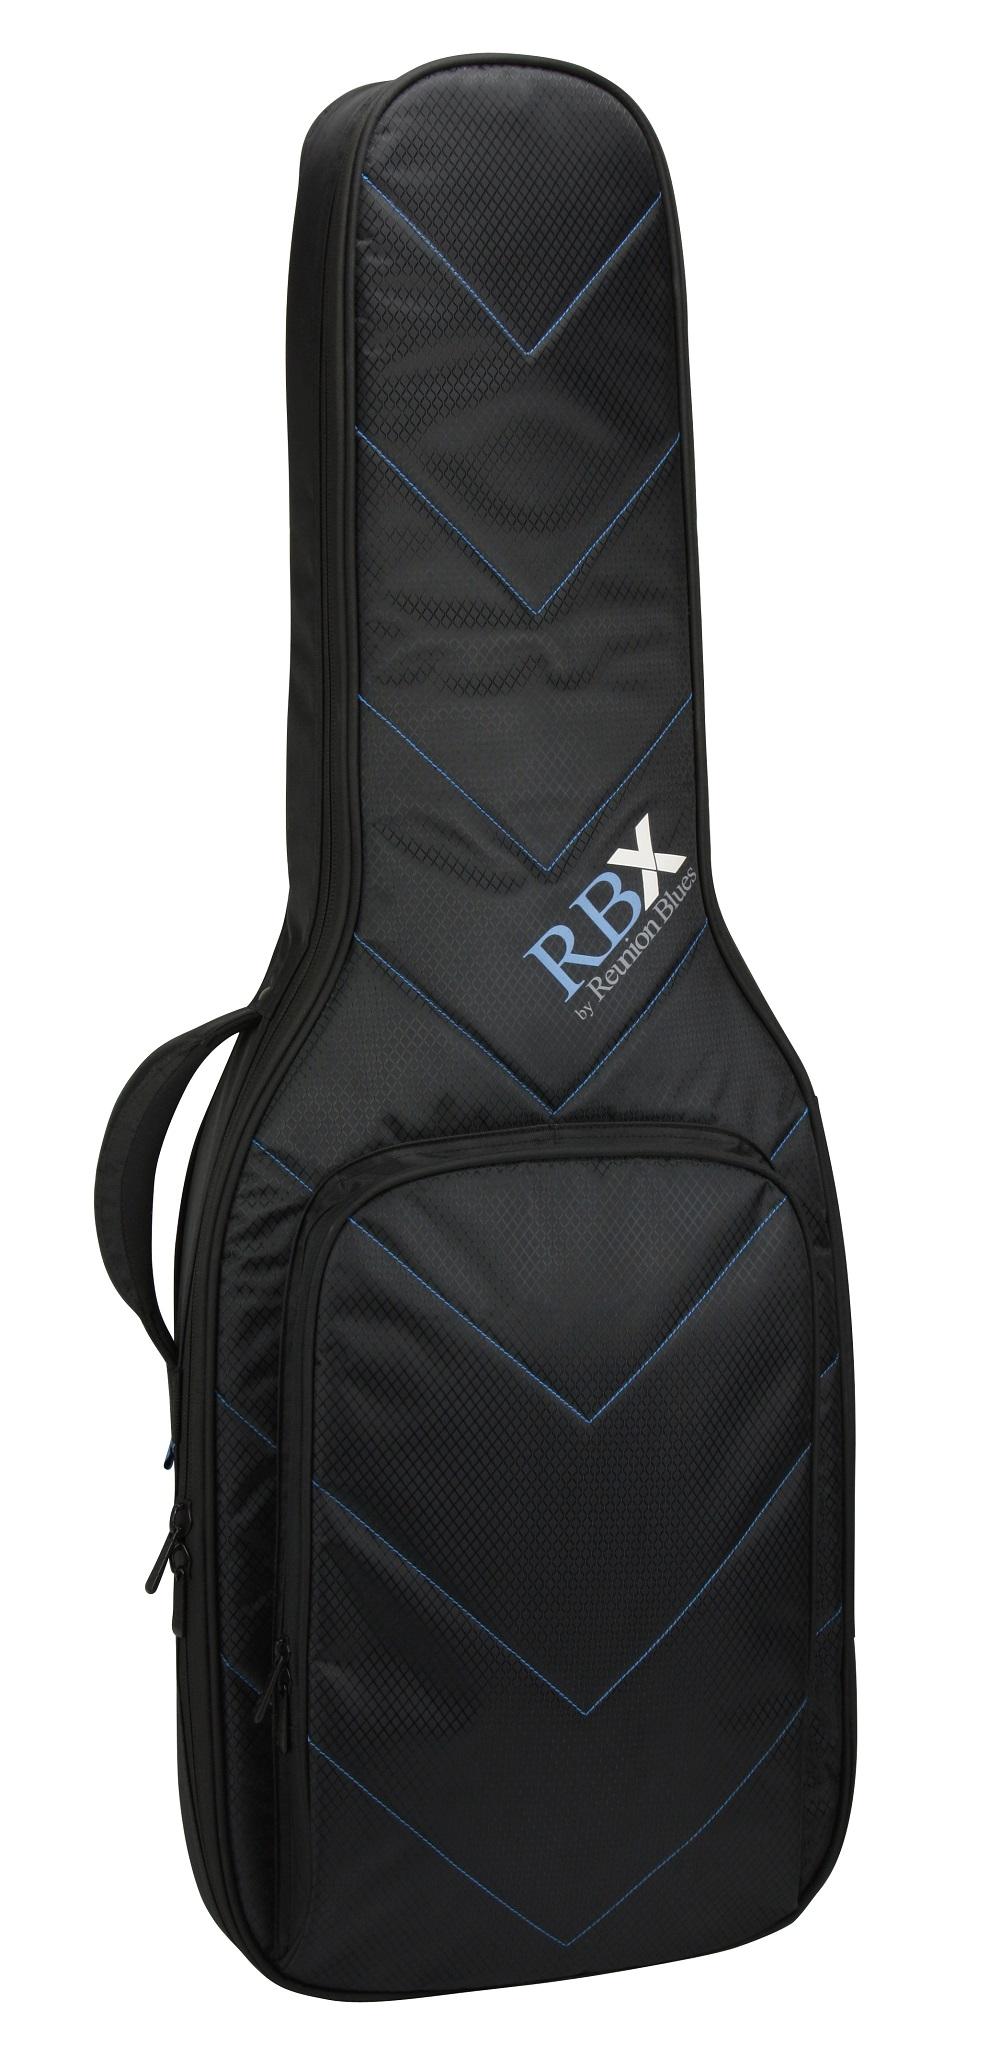 RBX-E1